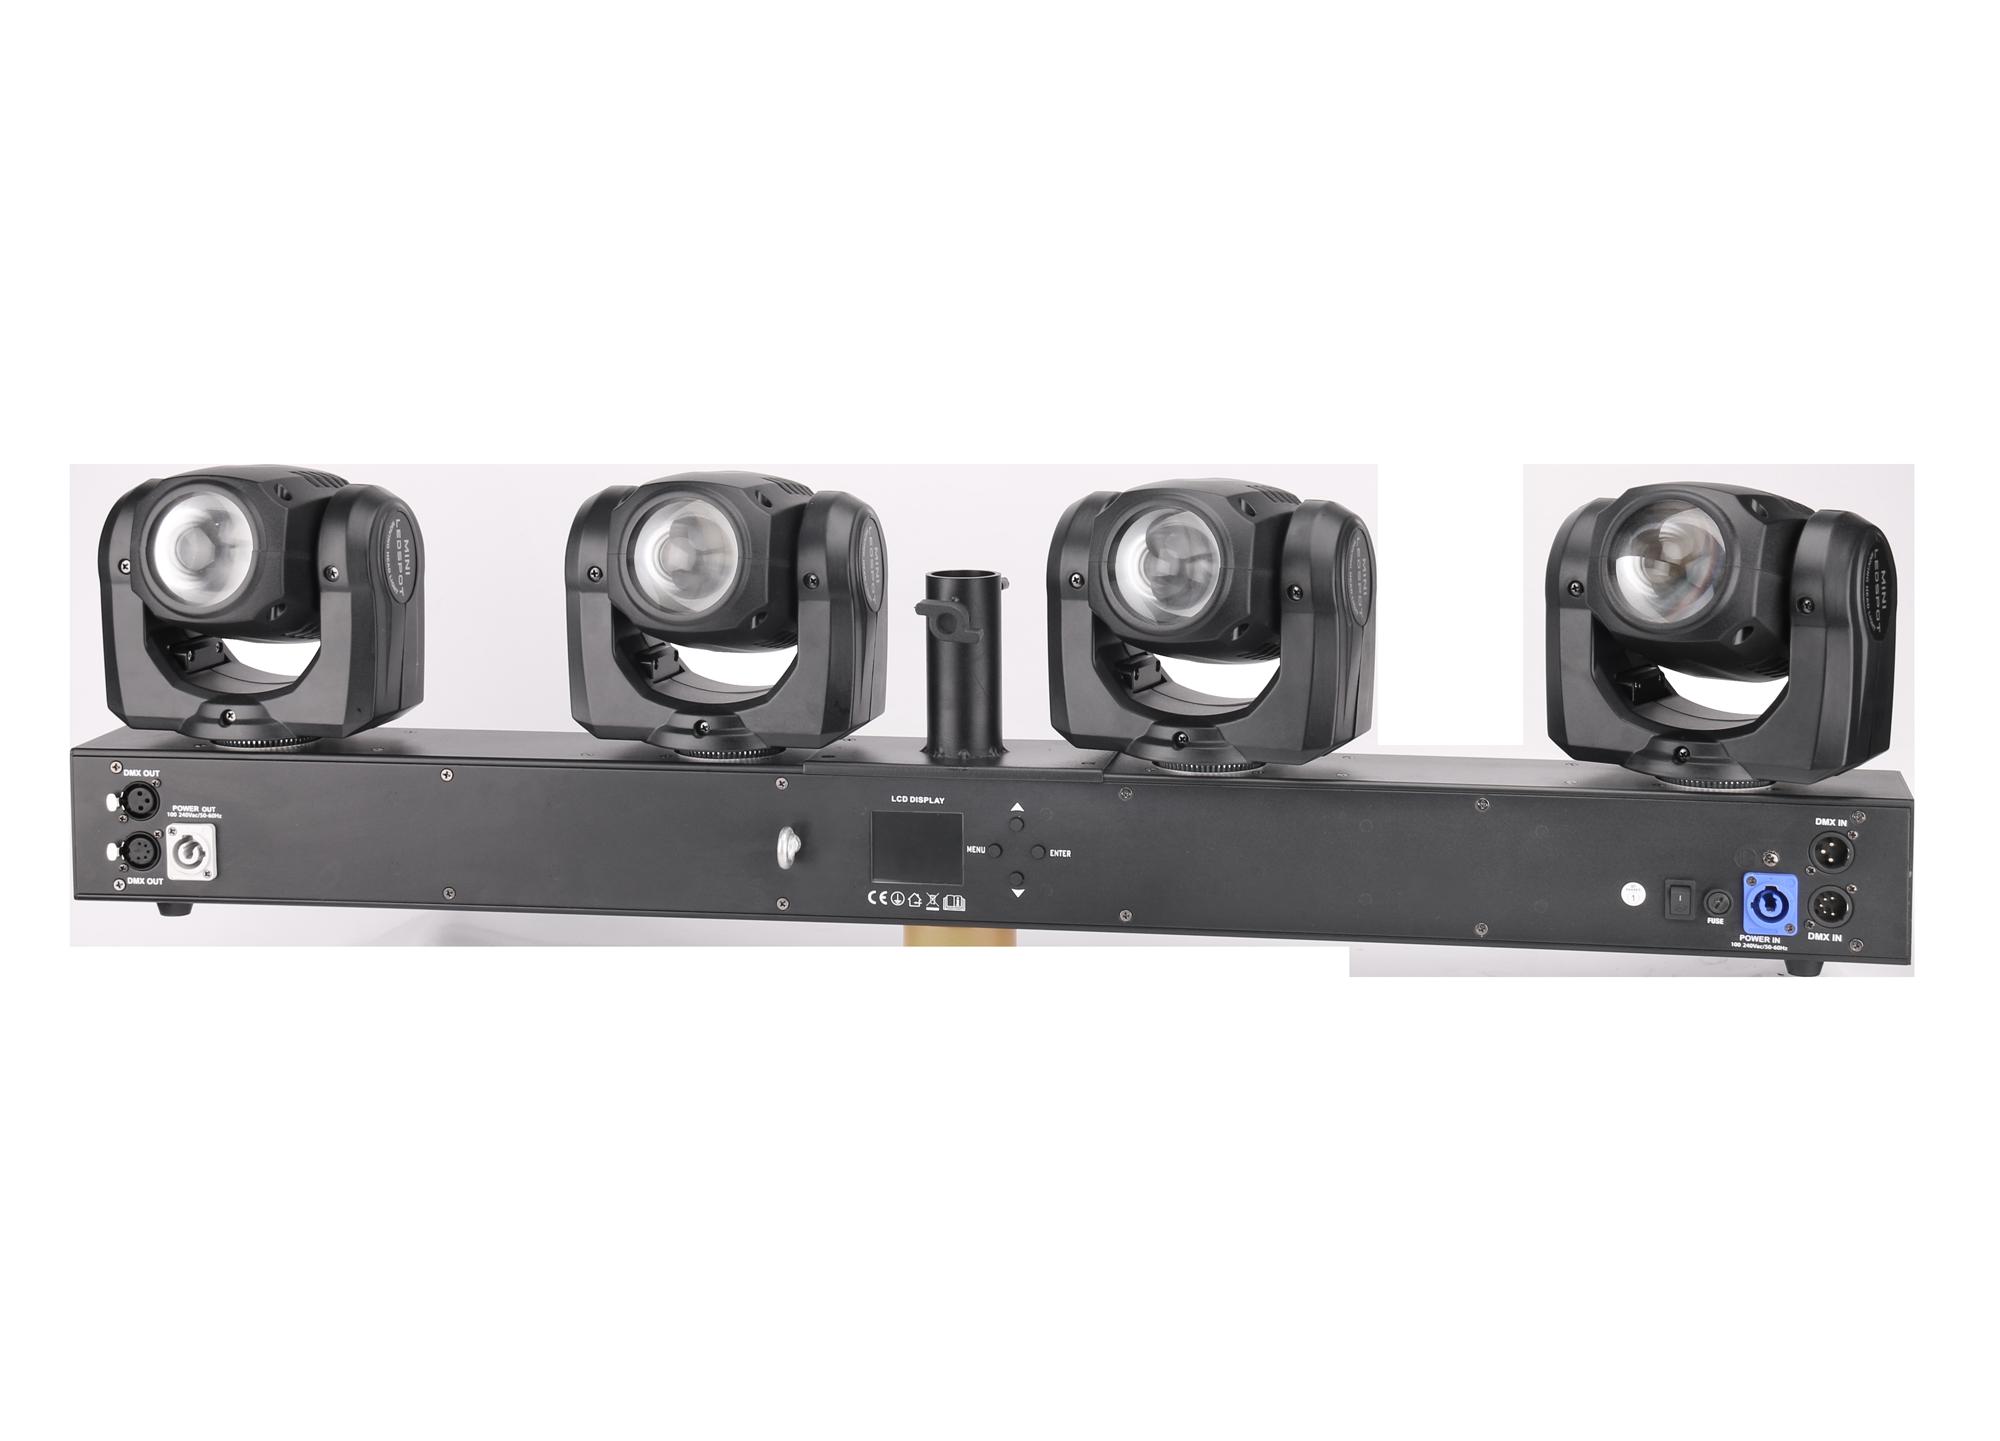 Профессиональное освещение для диджея, диско-мероприятий, 4 х32 Вт, RGBW, 4 в 1, 4 светодиода, DMX, острый Dj-луч, движущаяся головка, сценическое освещение для набора сценического оборудования